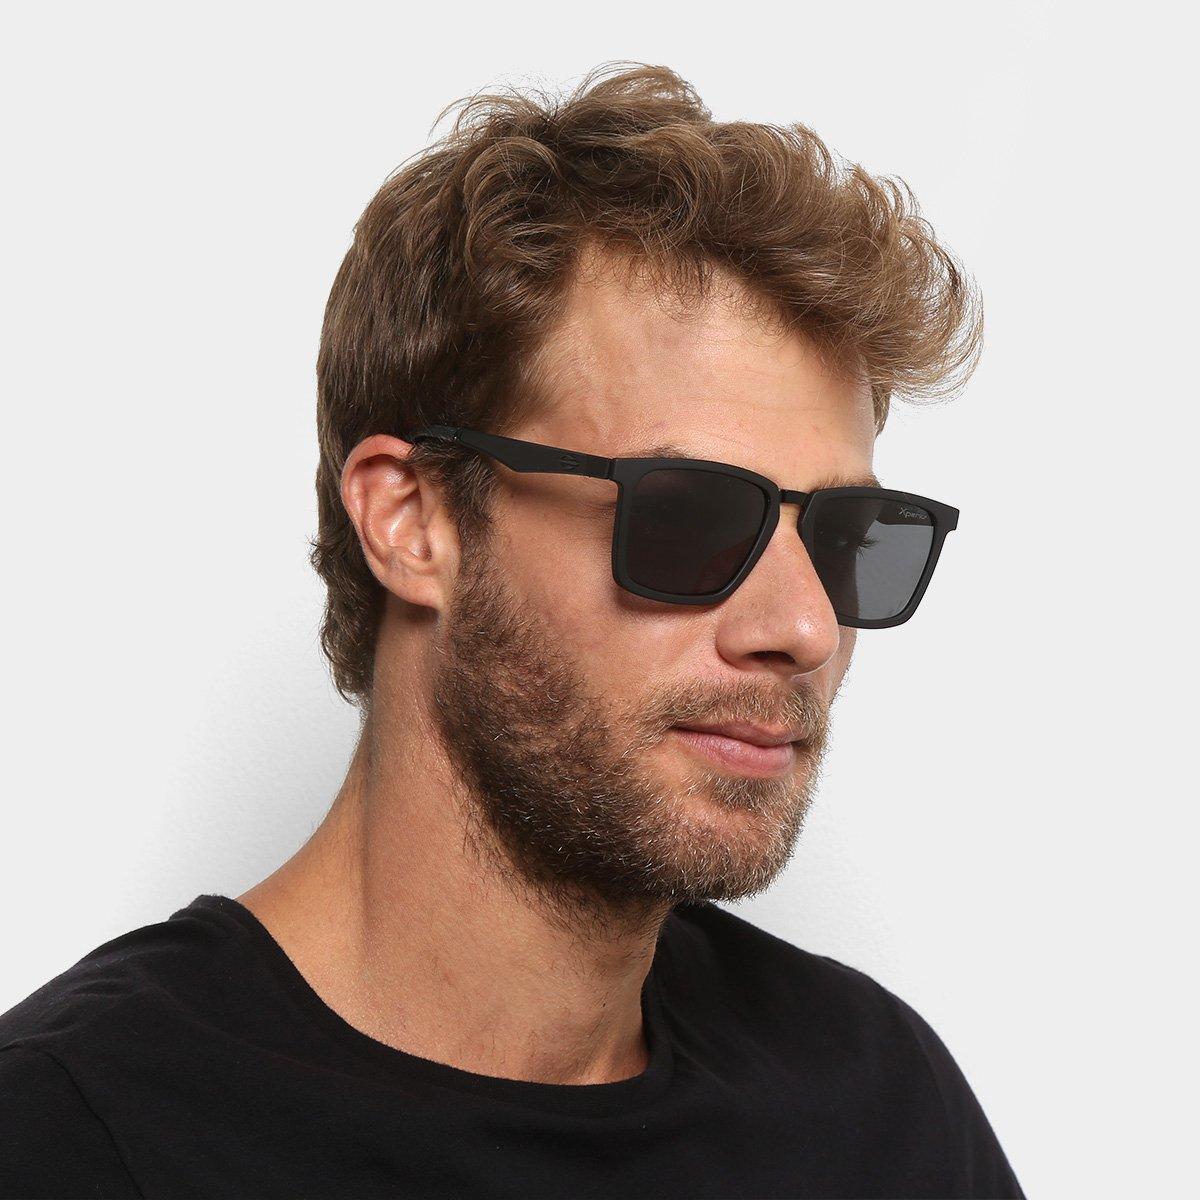 f153f29057efc Óculos de Sol MORMAII SAN LUIZ M0061AEE03 - Compre Agora   Netshoes